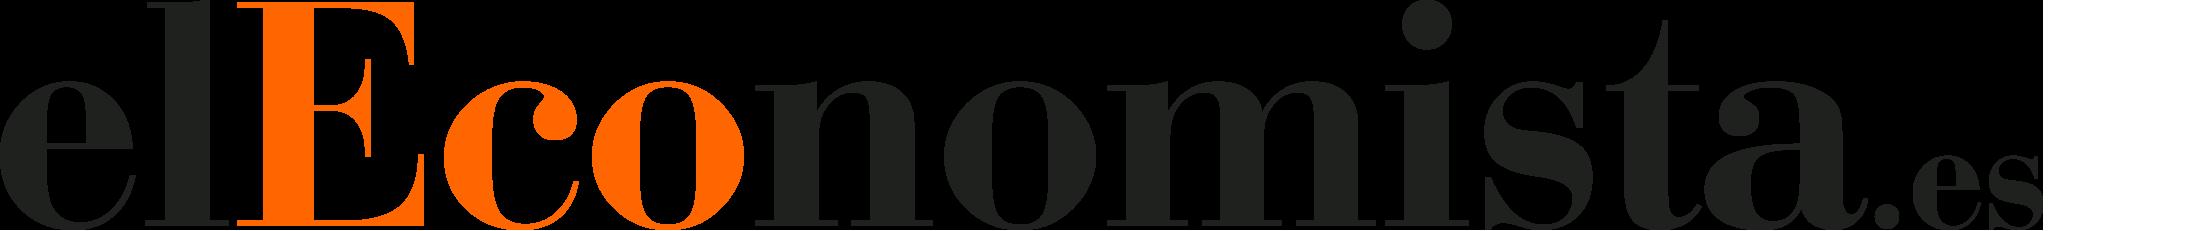 Resultado de imagen de logo el economista